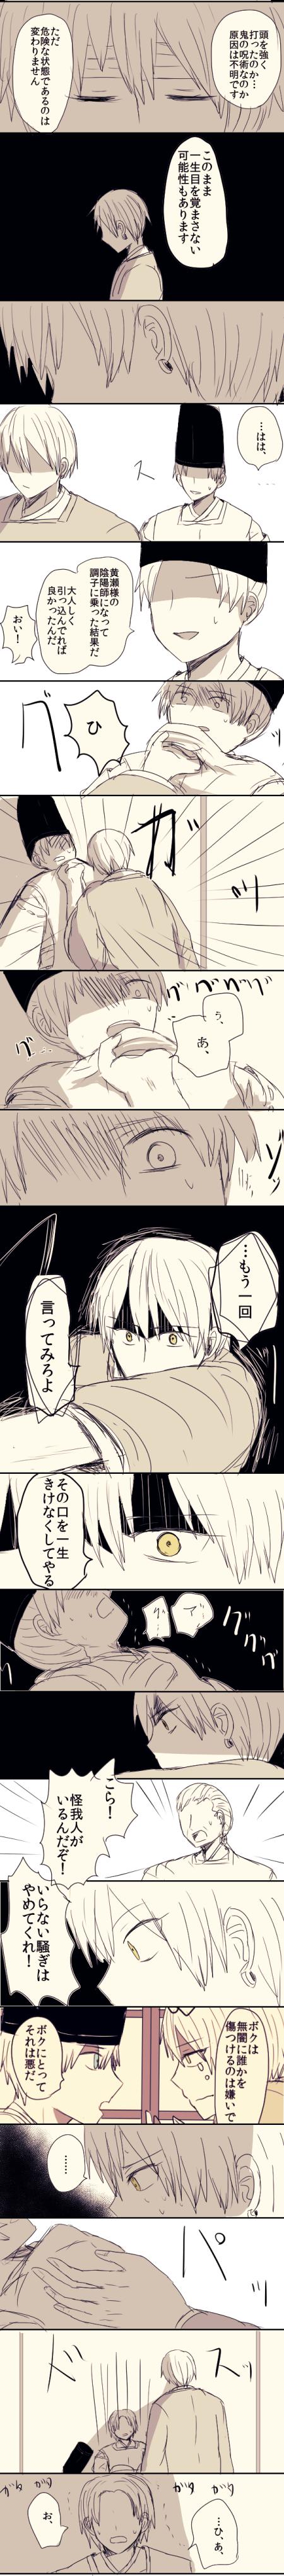 陰陽師1412